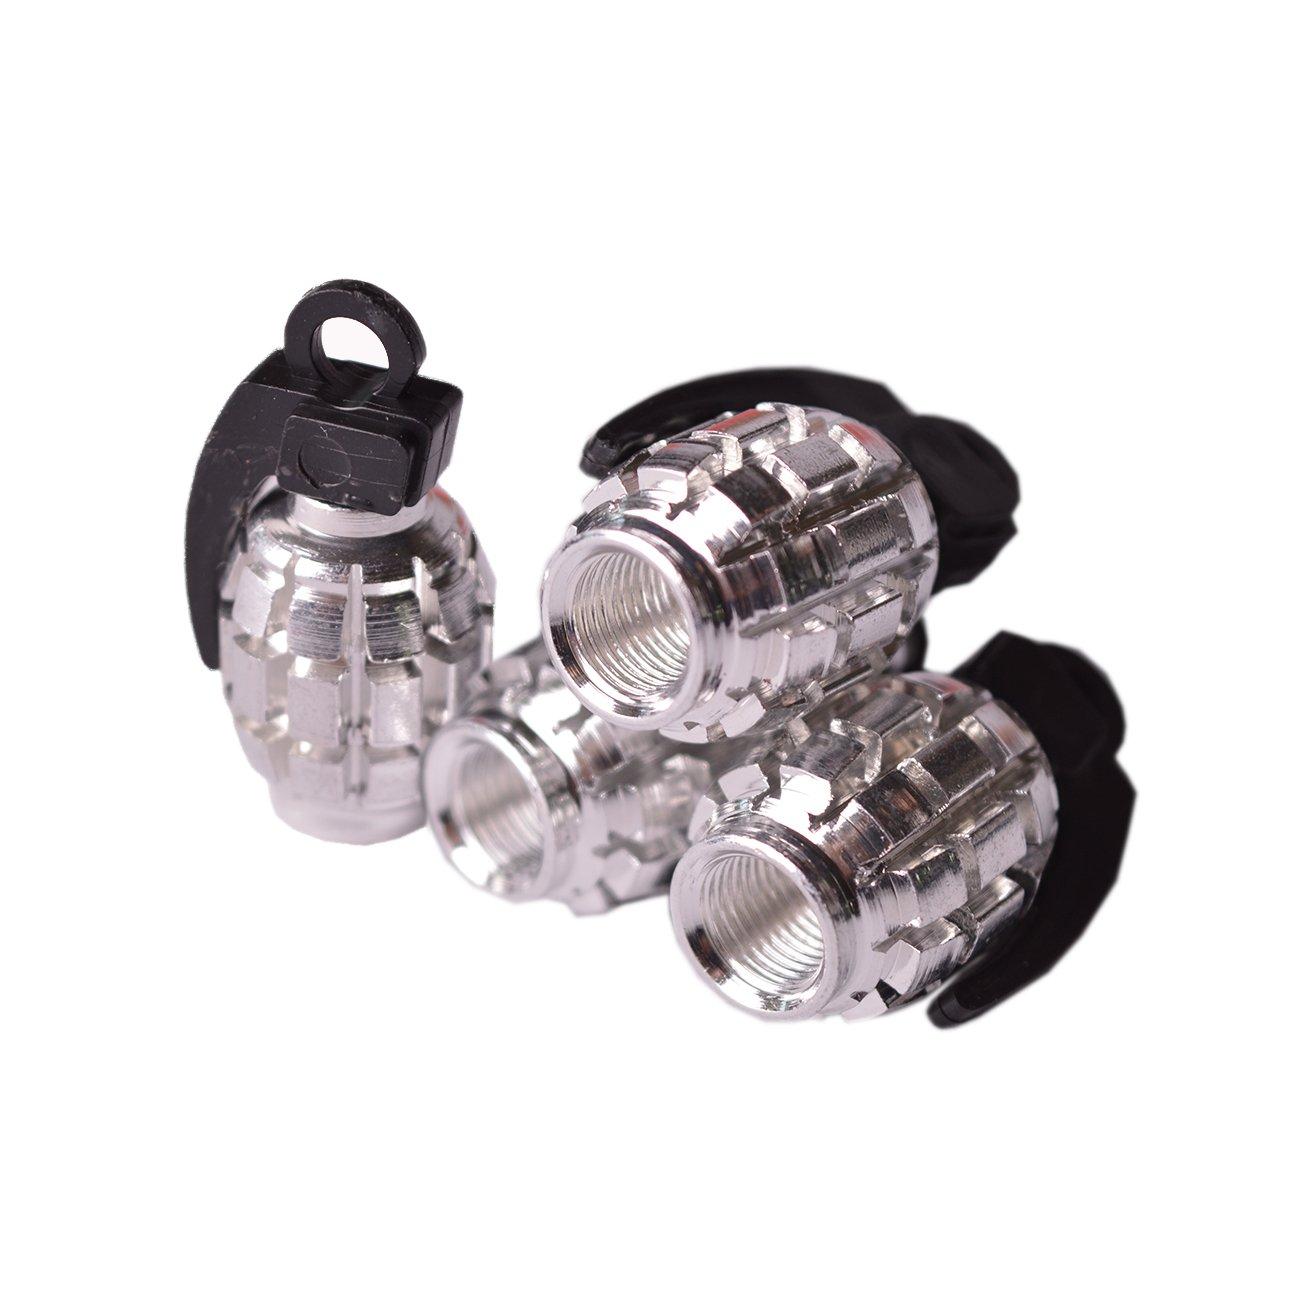 Ventilkappen Modell Augapfel wei/ß 4 St/ück Reifen R/äder Motorrad Auto Bike Ventil Luft Schmuck